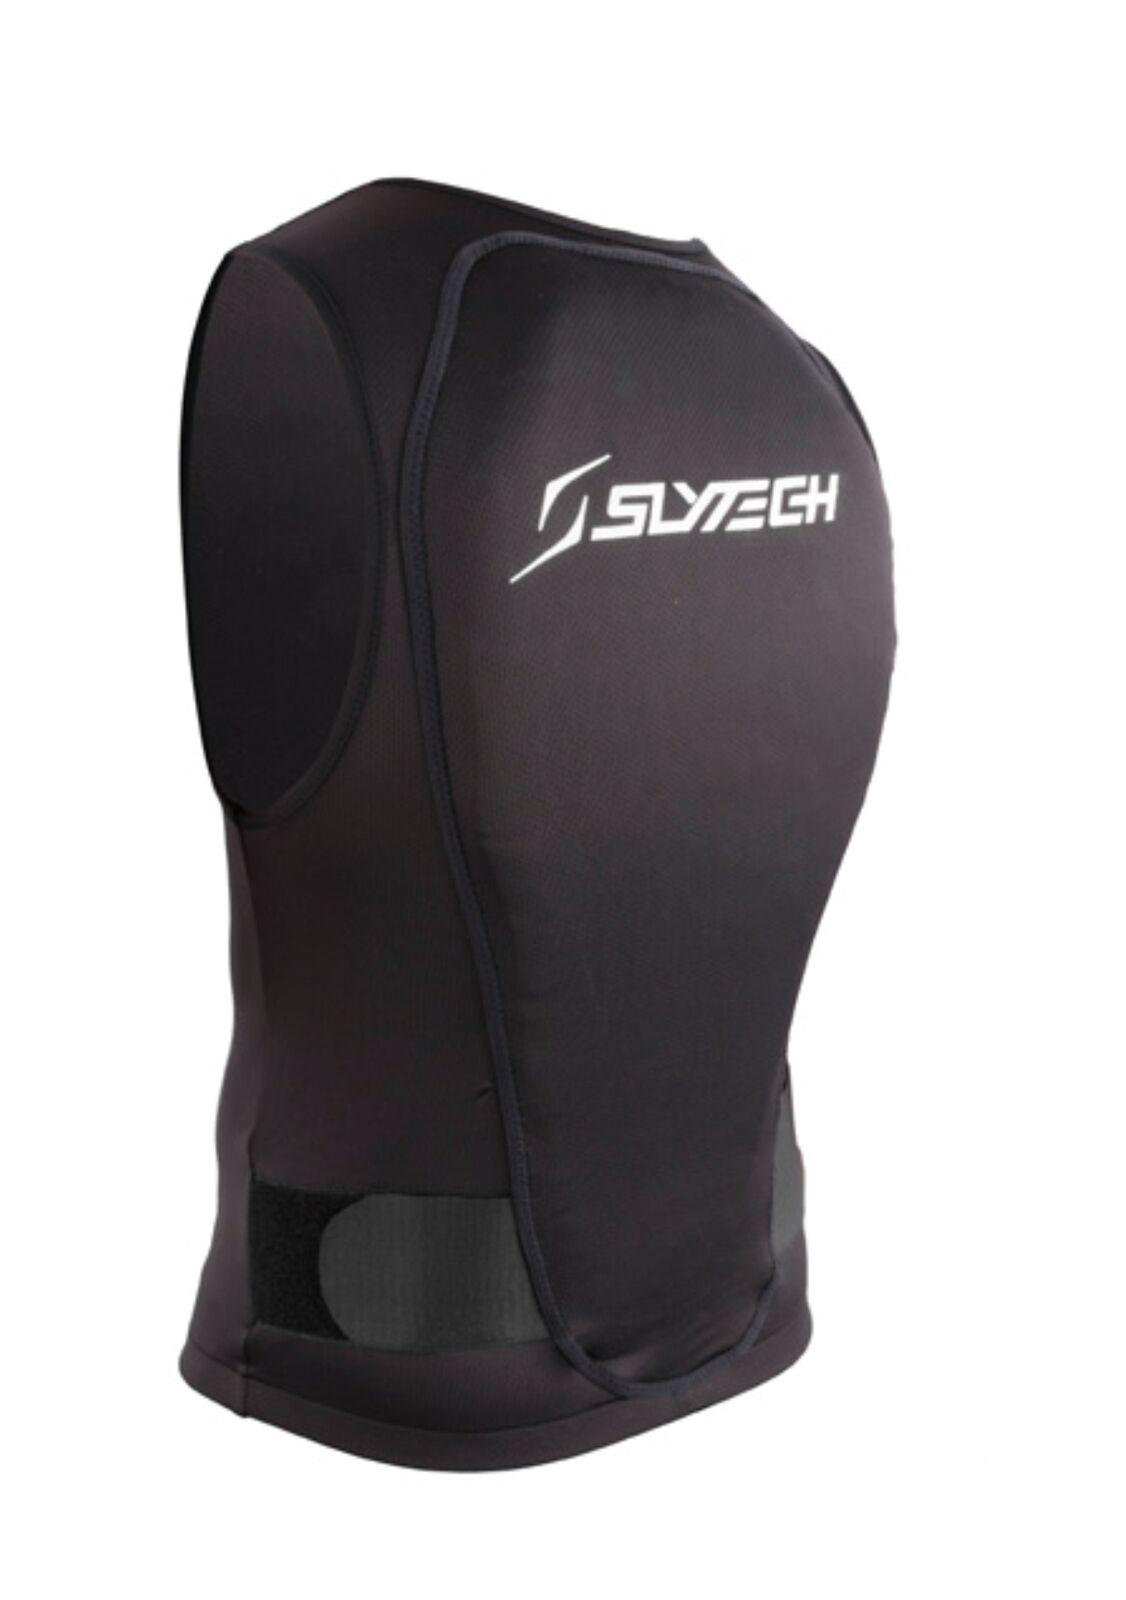 Slytech Predektorweste Predektor VEST FLEXI MINI black elastisch